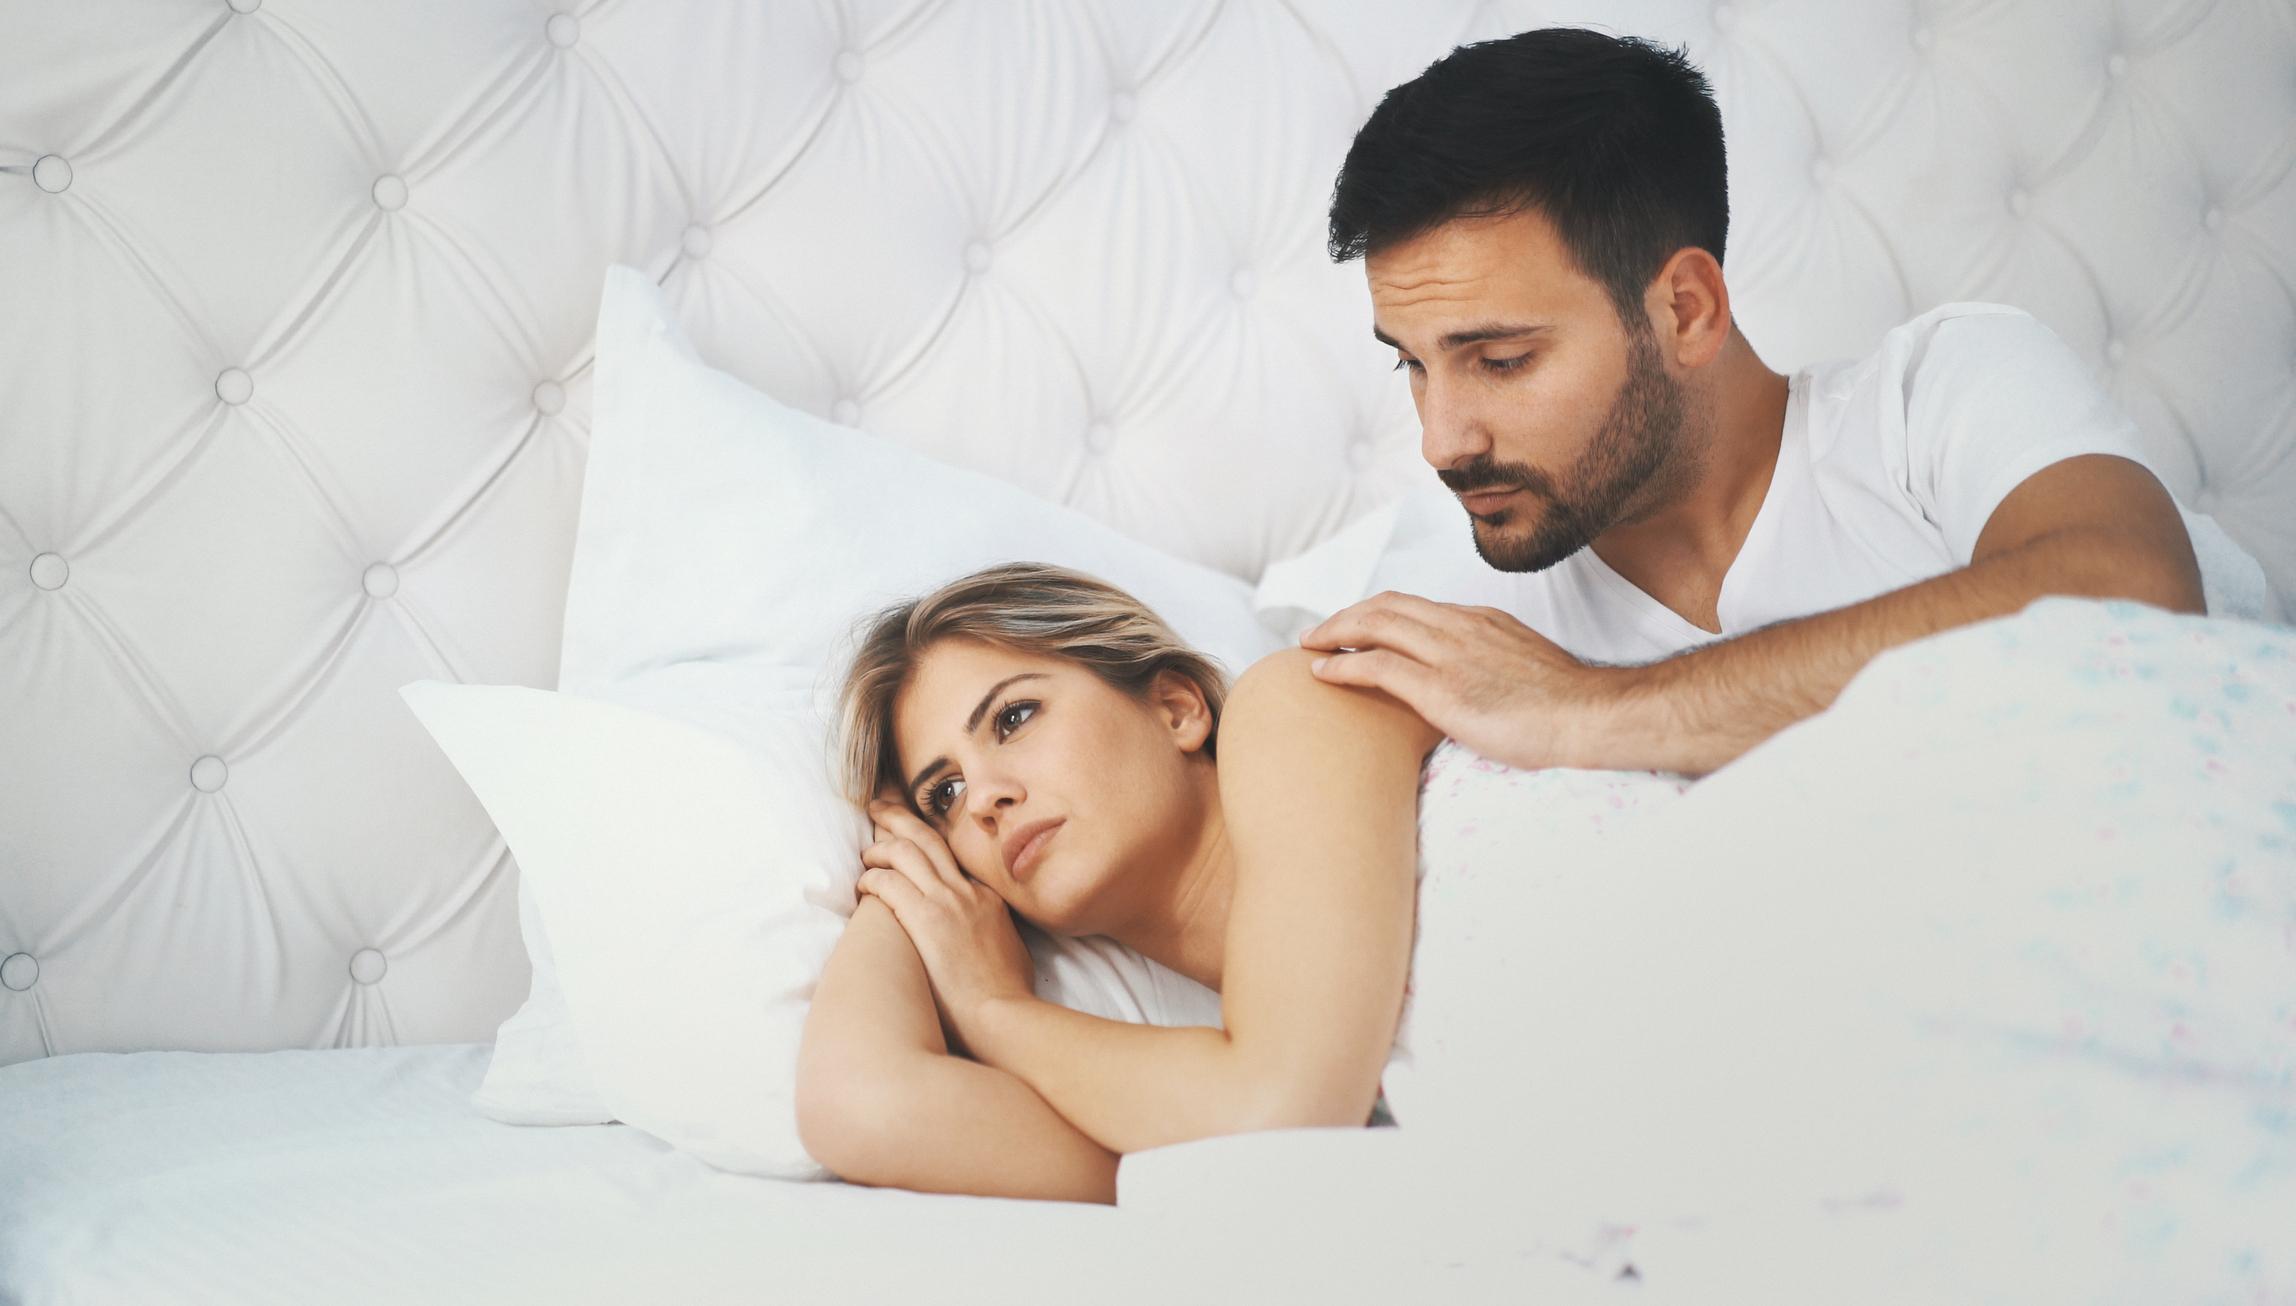 Повышенние сексуального влечения мужчины